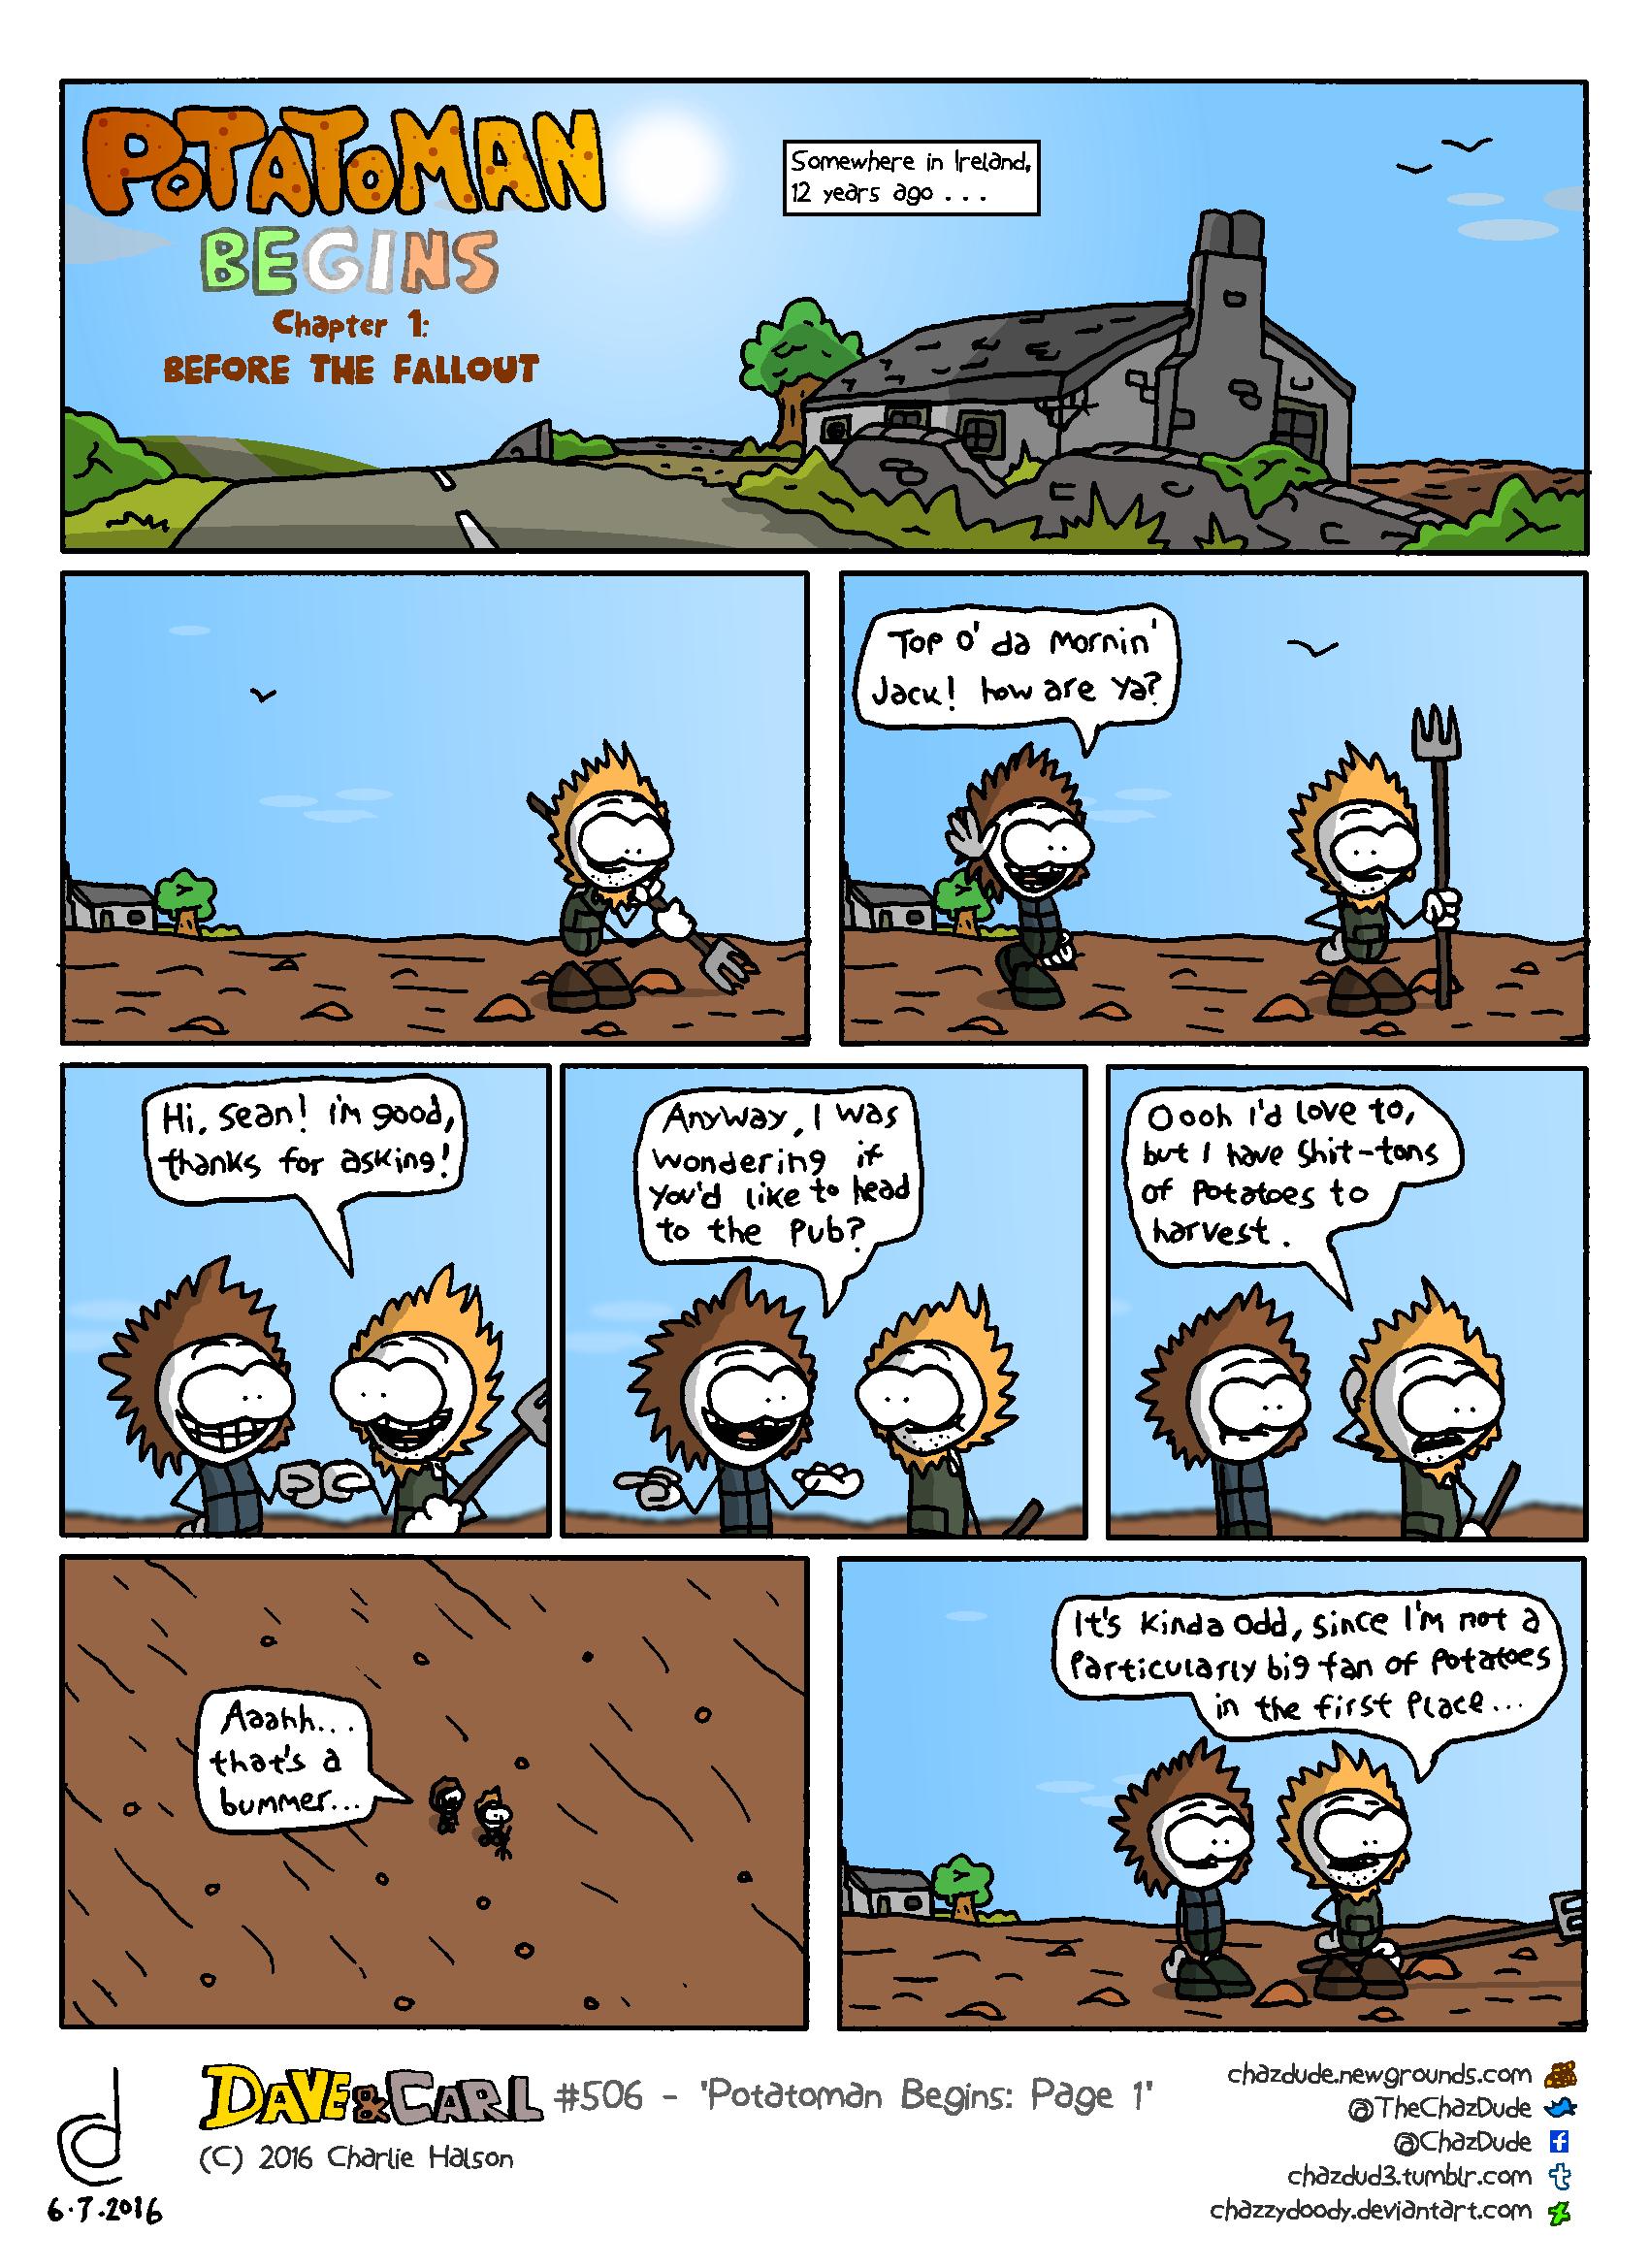 Potatoman Begins: Page 1